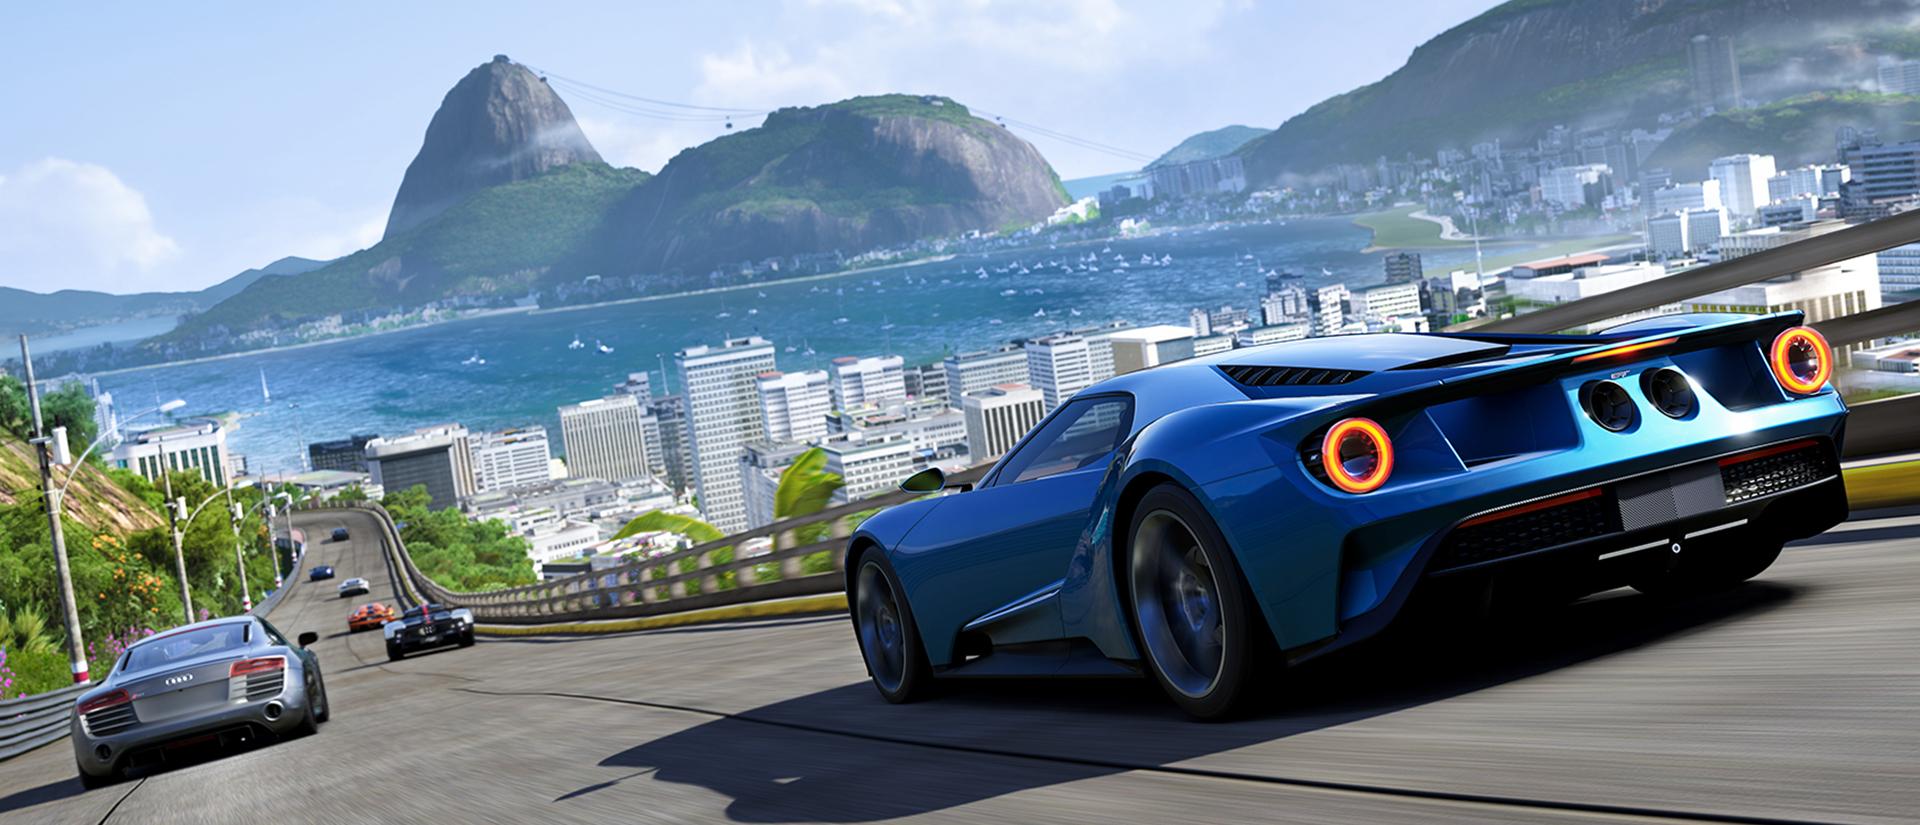 Forza Motorsport 6: Új játékmenet videó